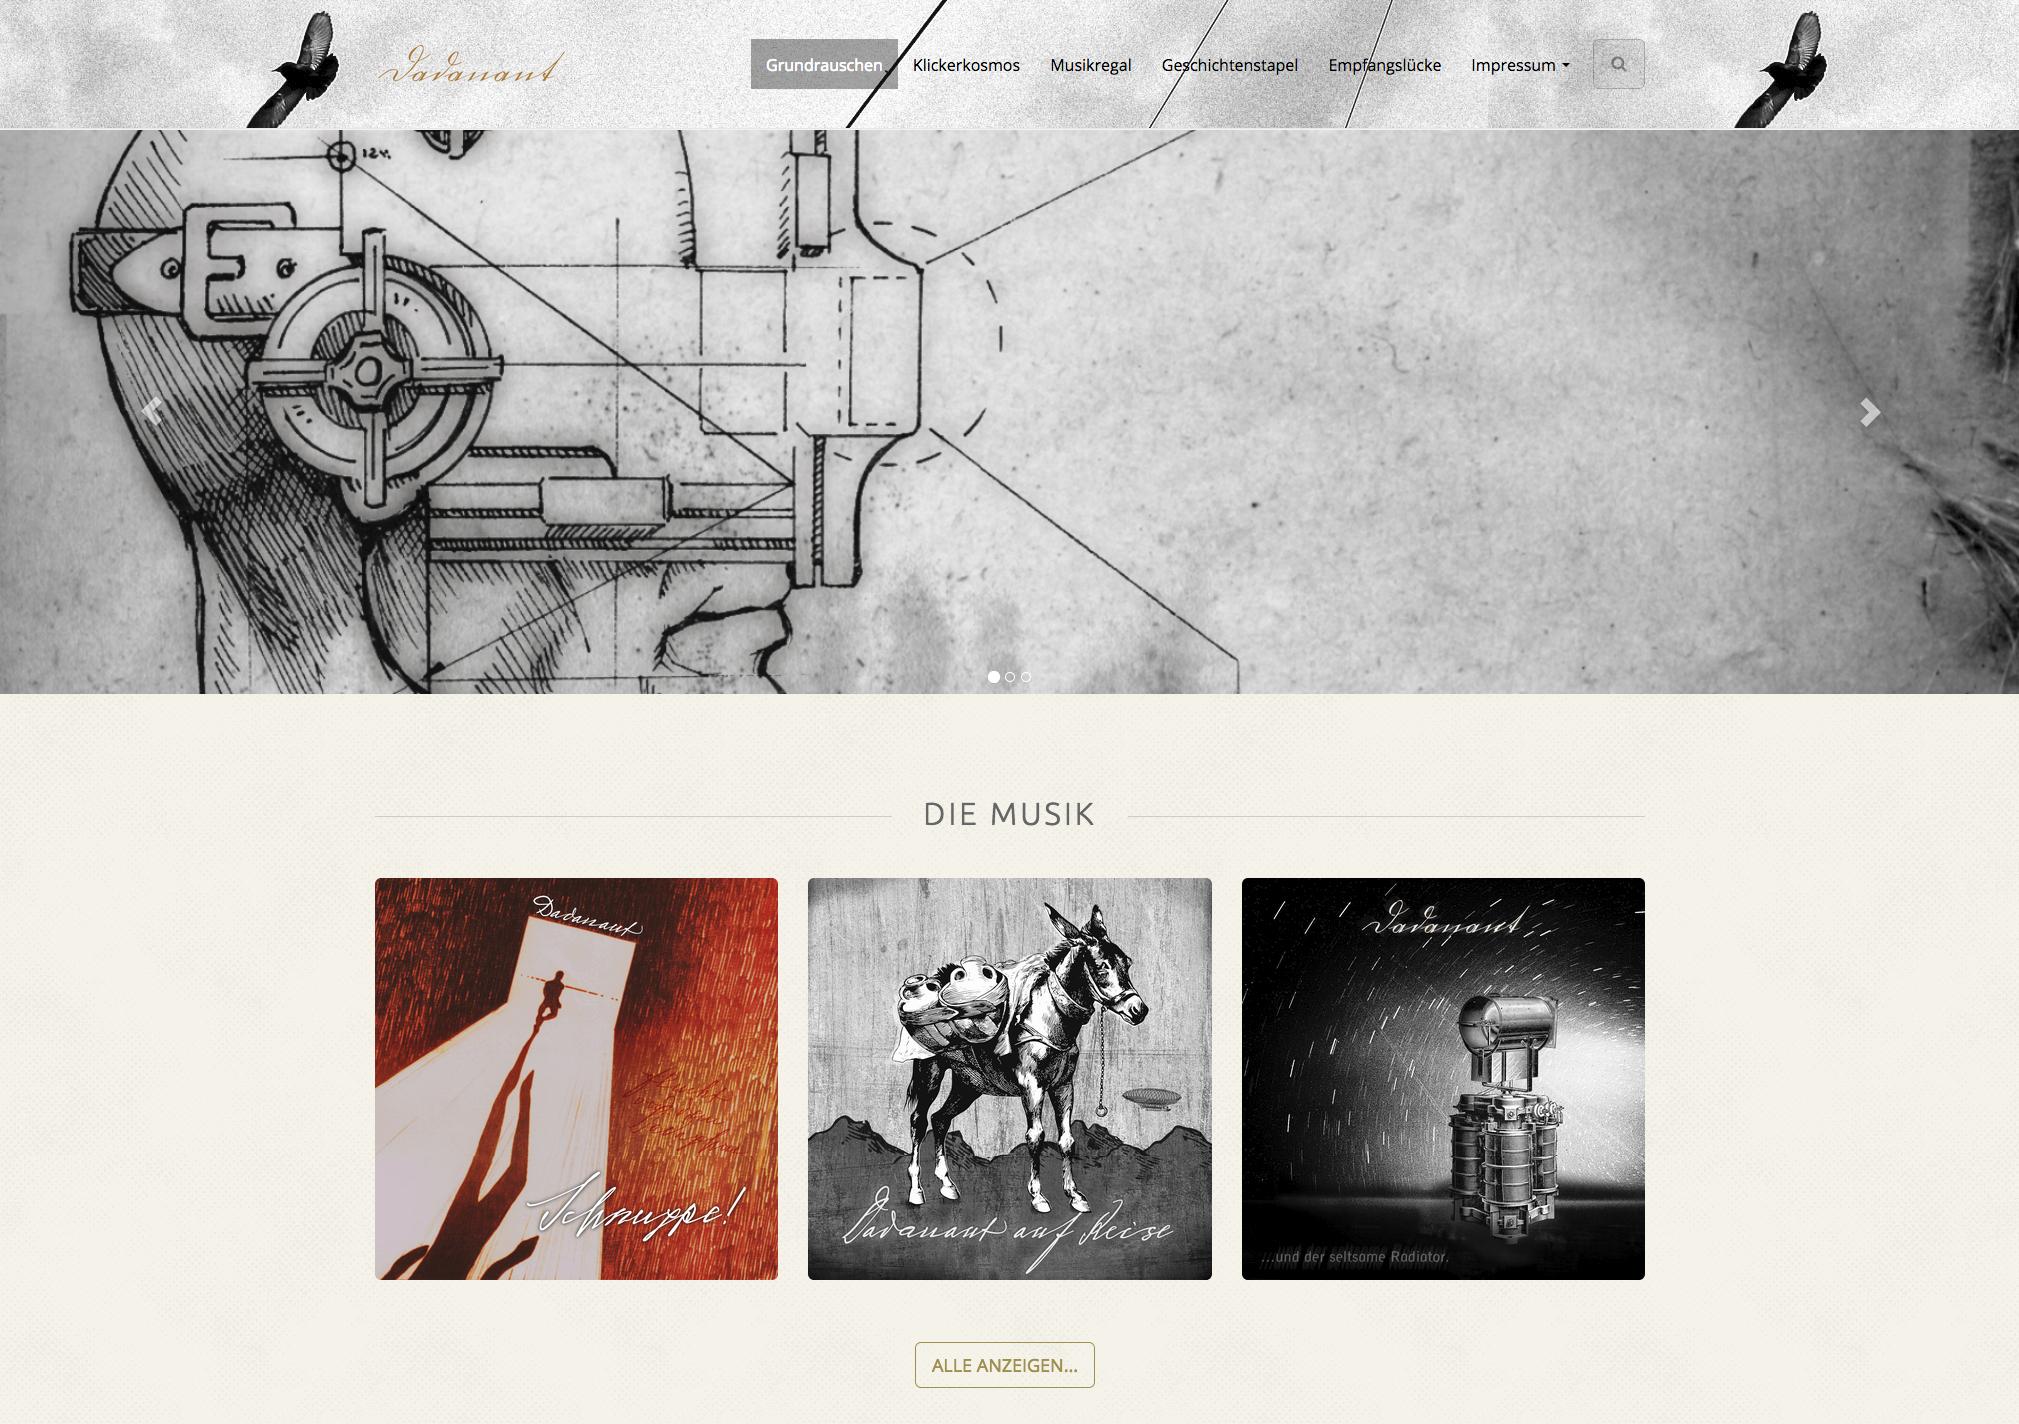 Neuanfang. Ein weiterer Relaunch für die Homepage der Dadanauten.